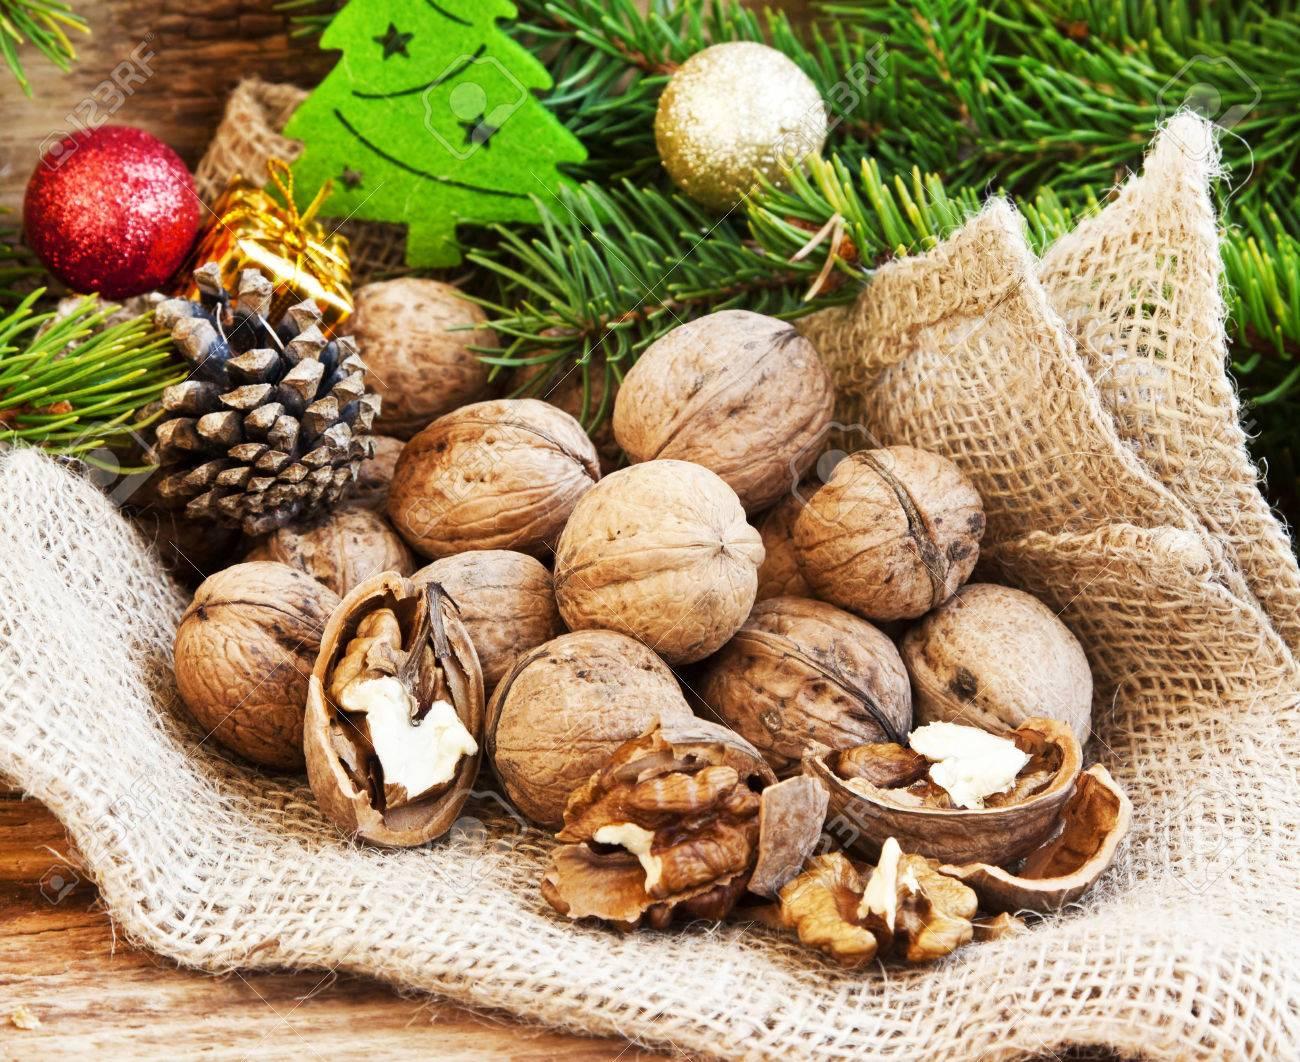 クルミ、クルミ-カーネル全体クルミ、クリスマスの装飾、背景のモミの木と亀裂